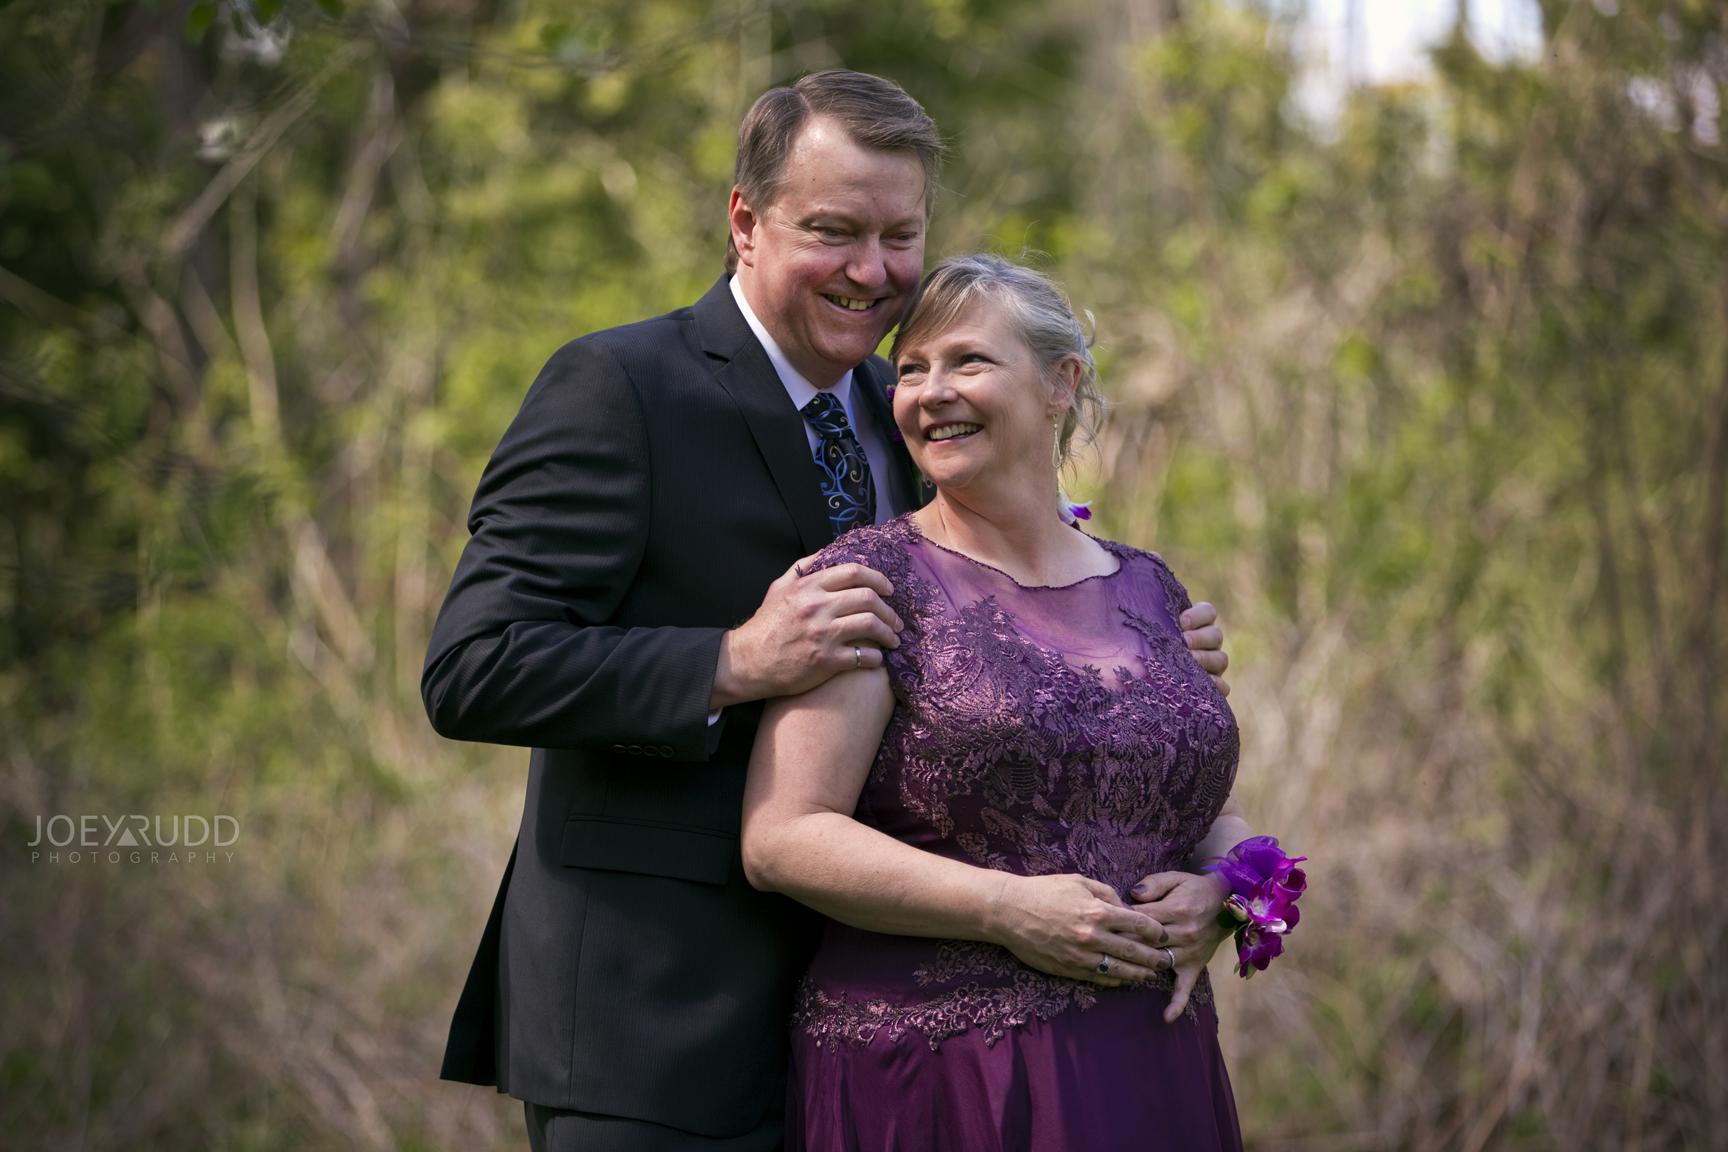 Elopement Wedding by Joey Rudd Photography at Jabulani Vineyard and Winery in Ottawa.